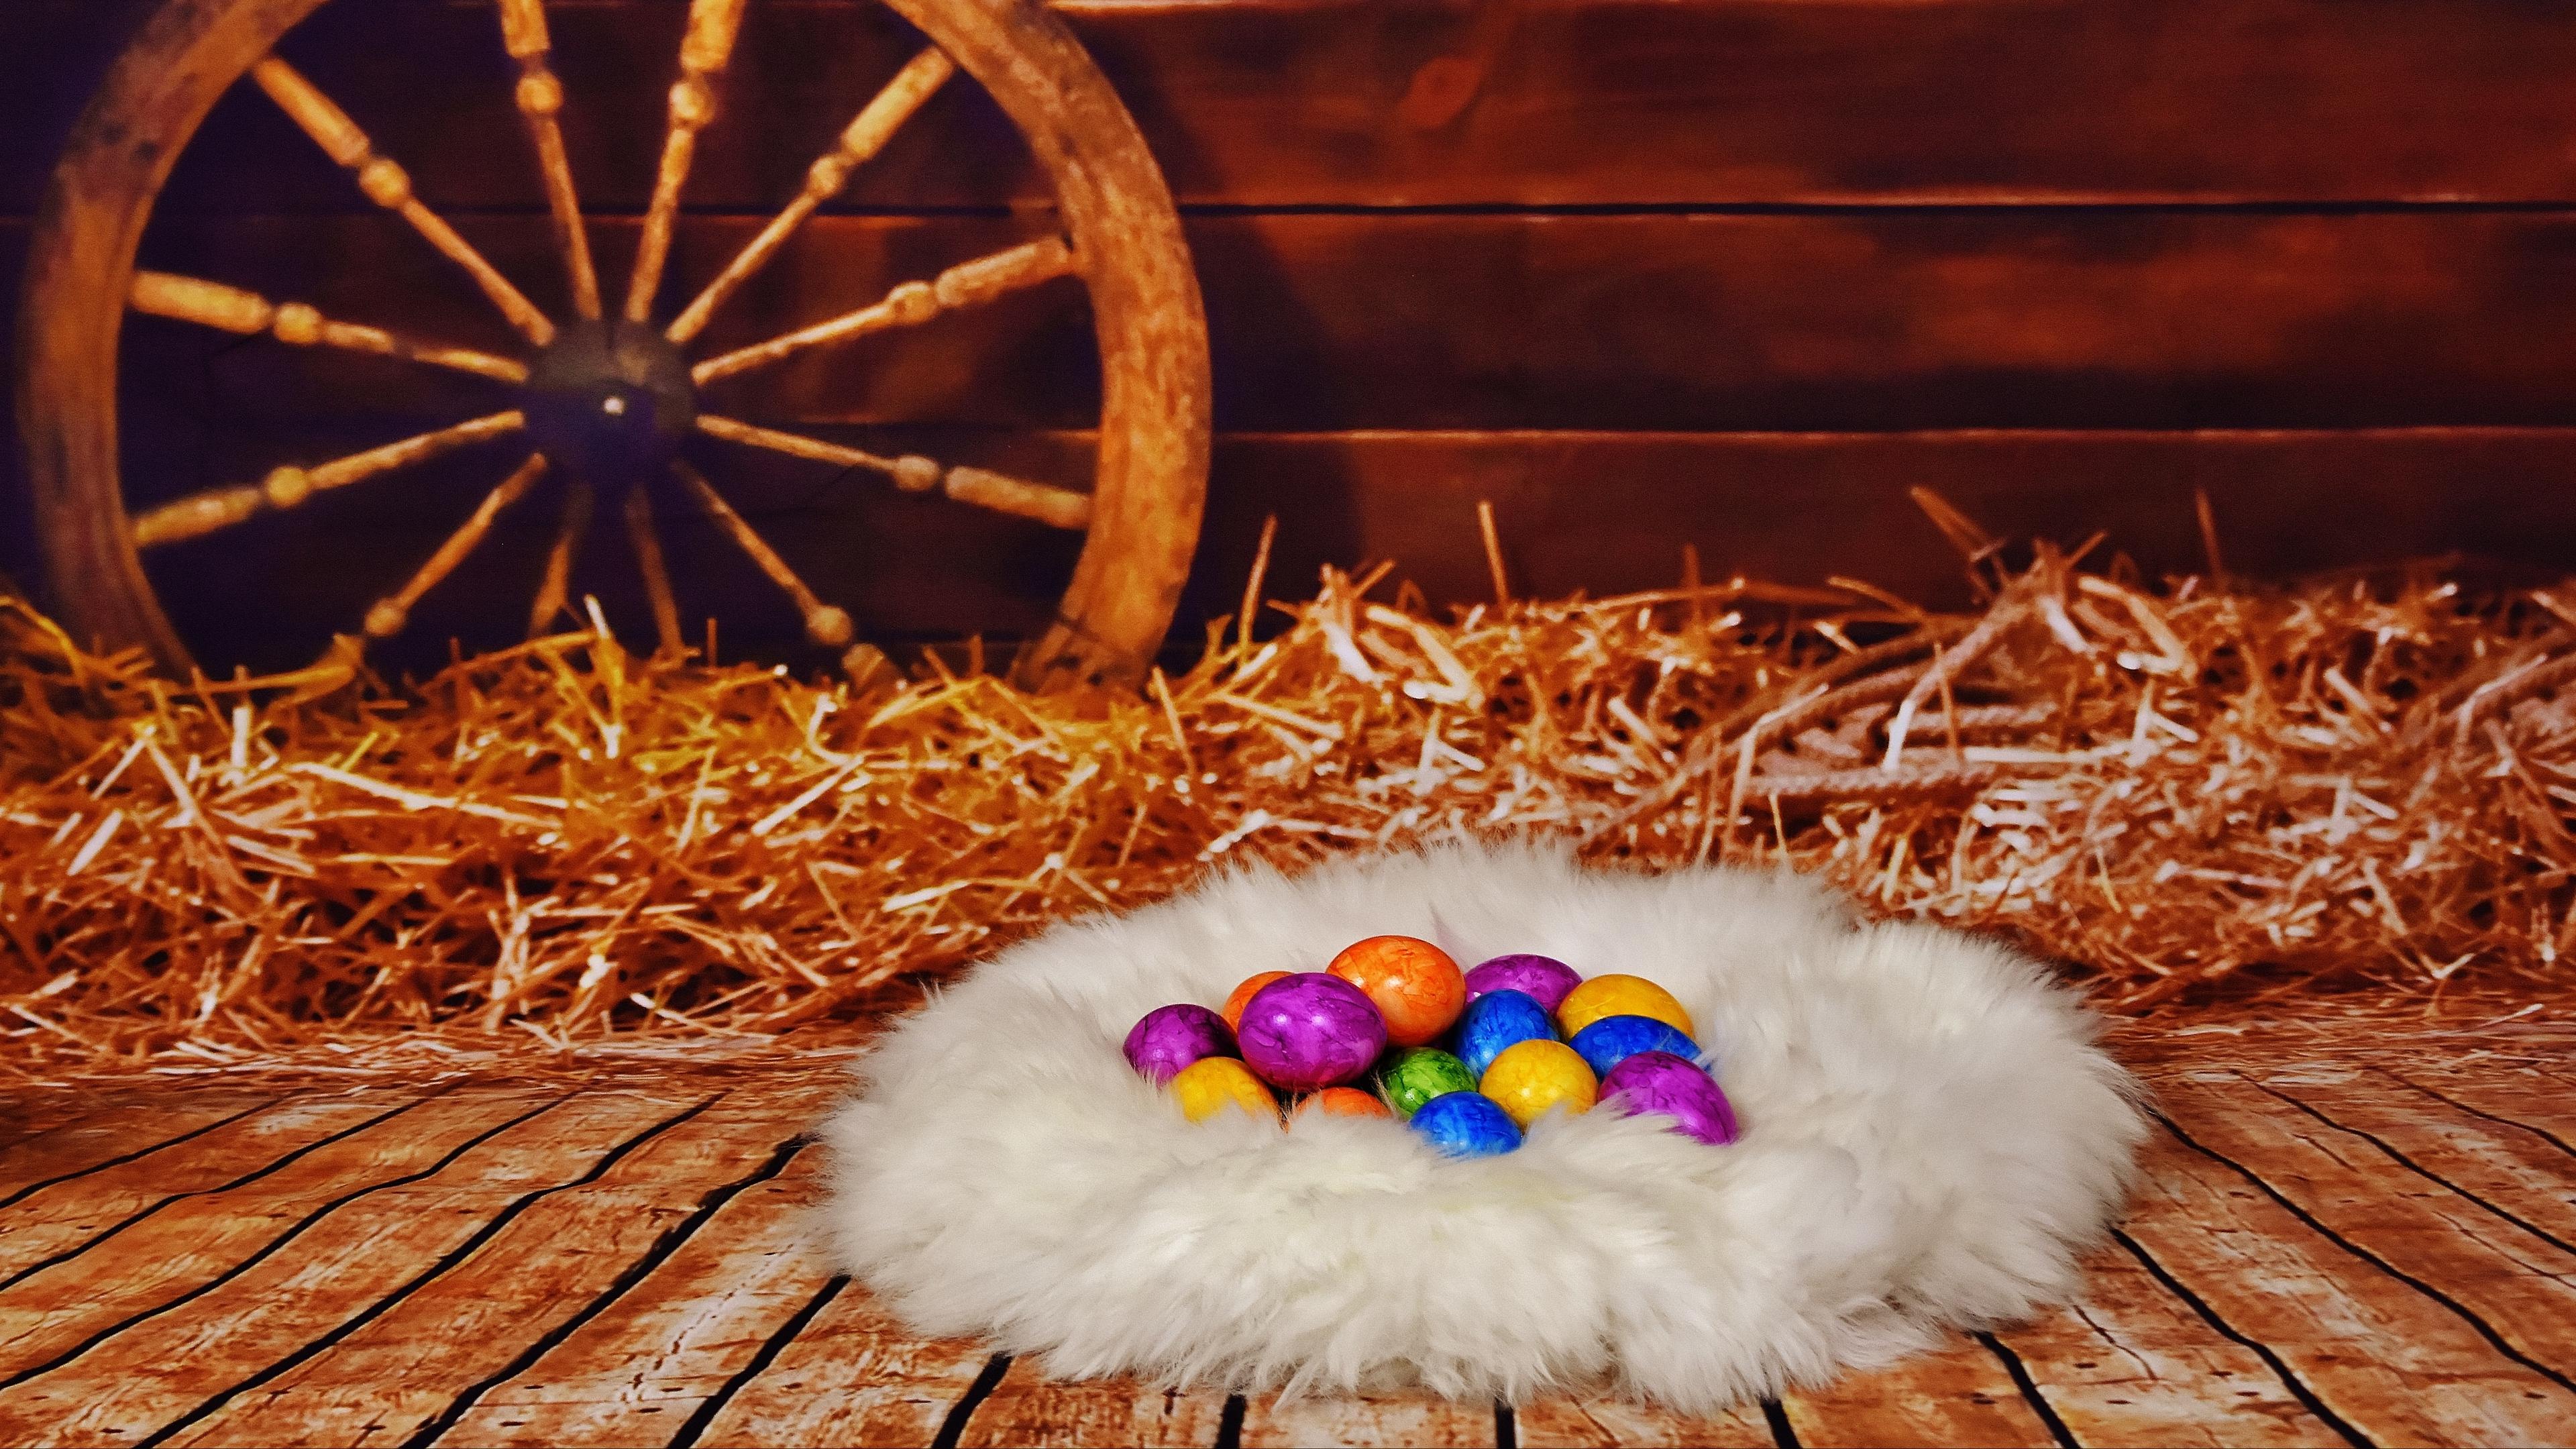 easter eggs nest hay 4k 1538345183 - easter, eggs, nest, hay 4k - Nest, Eggs, Easter